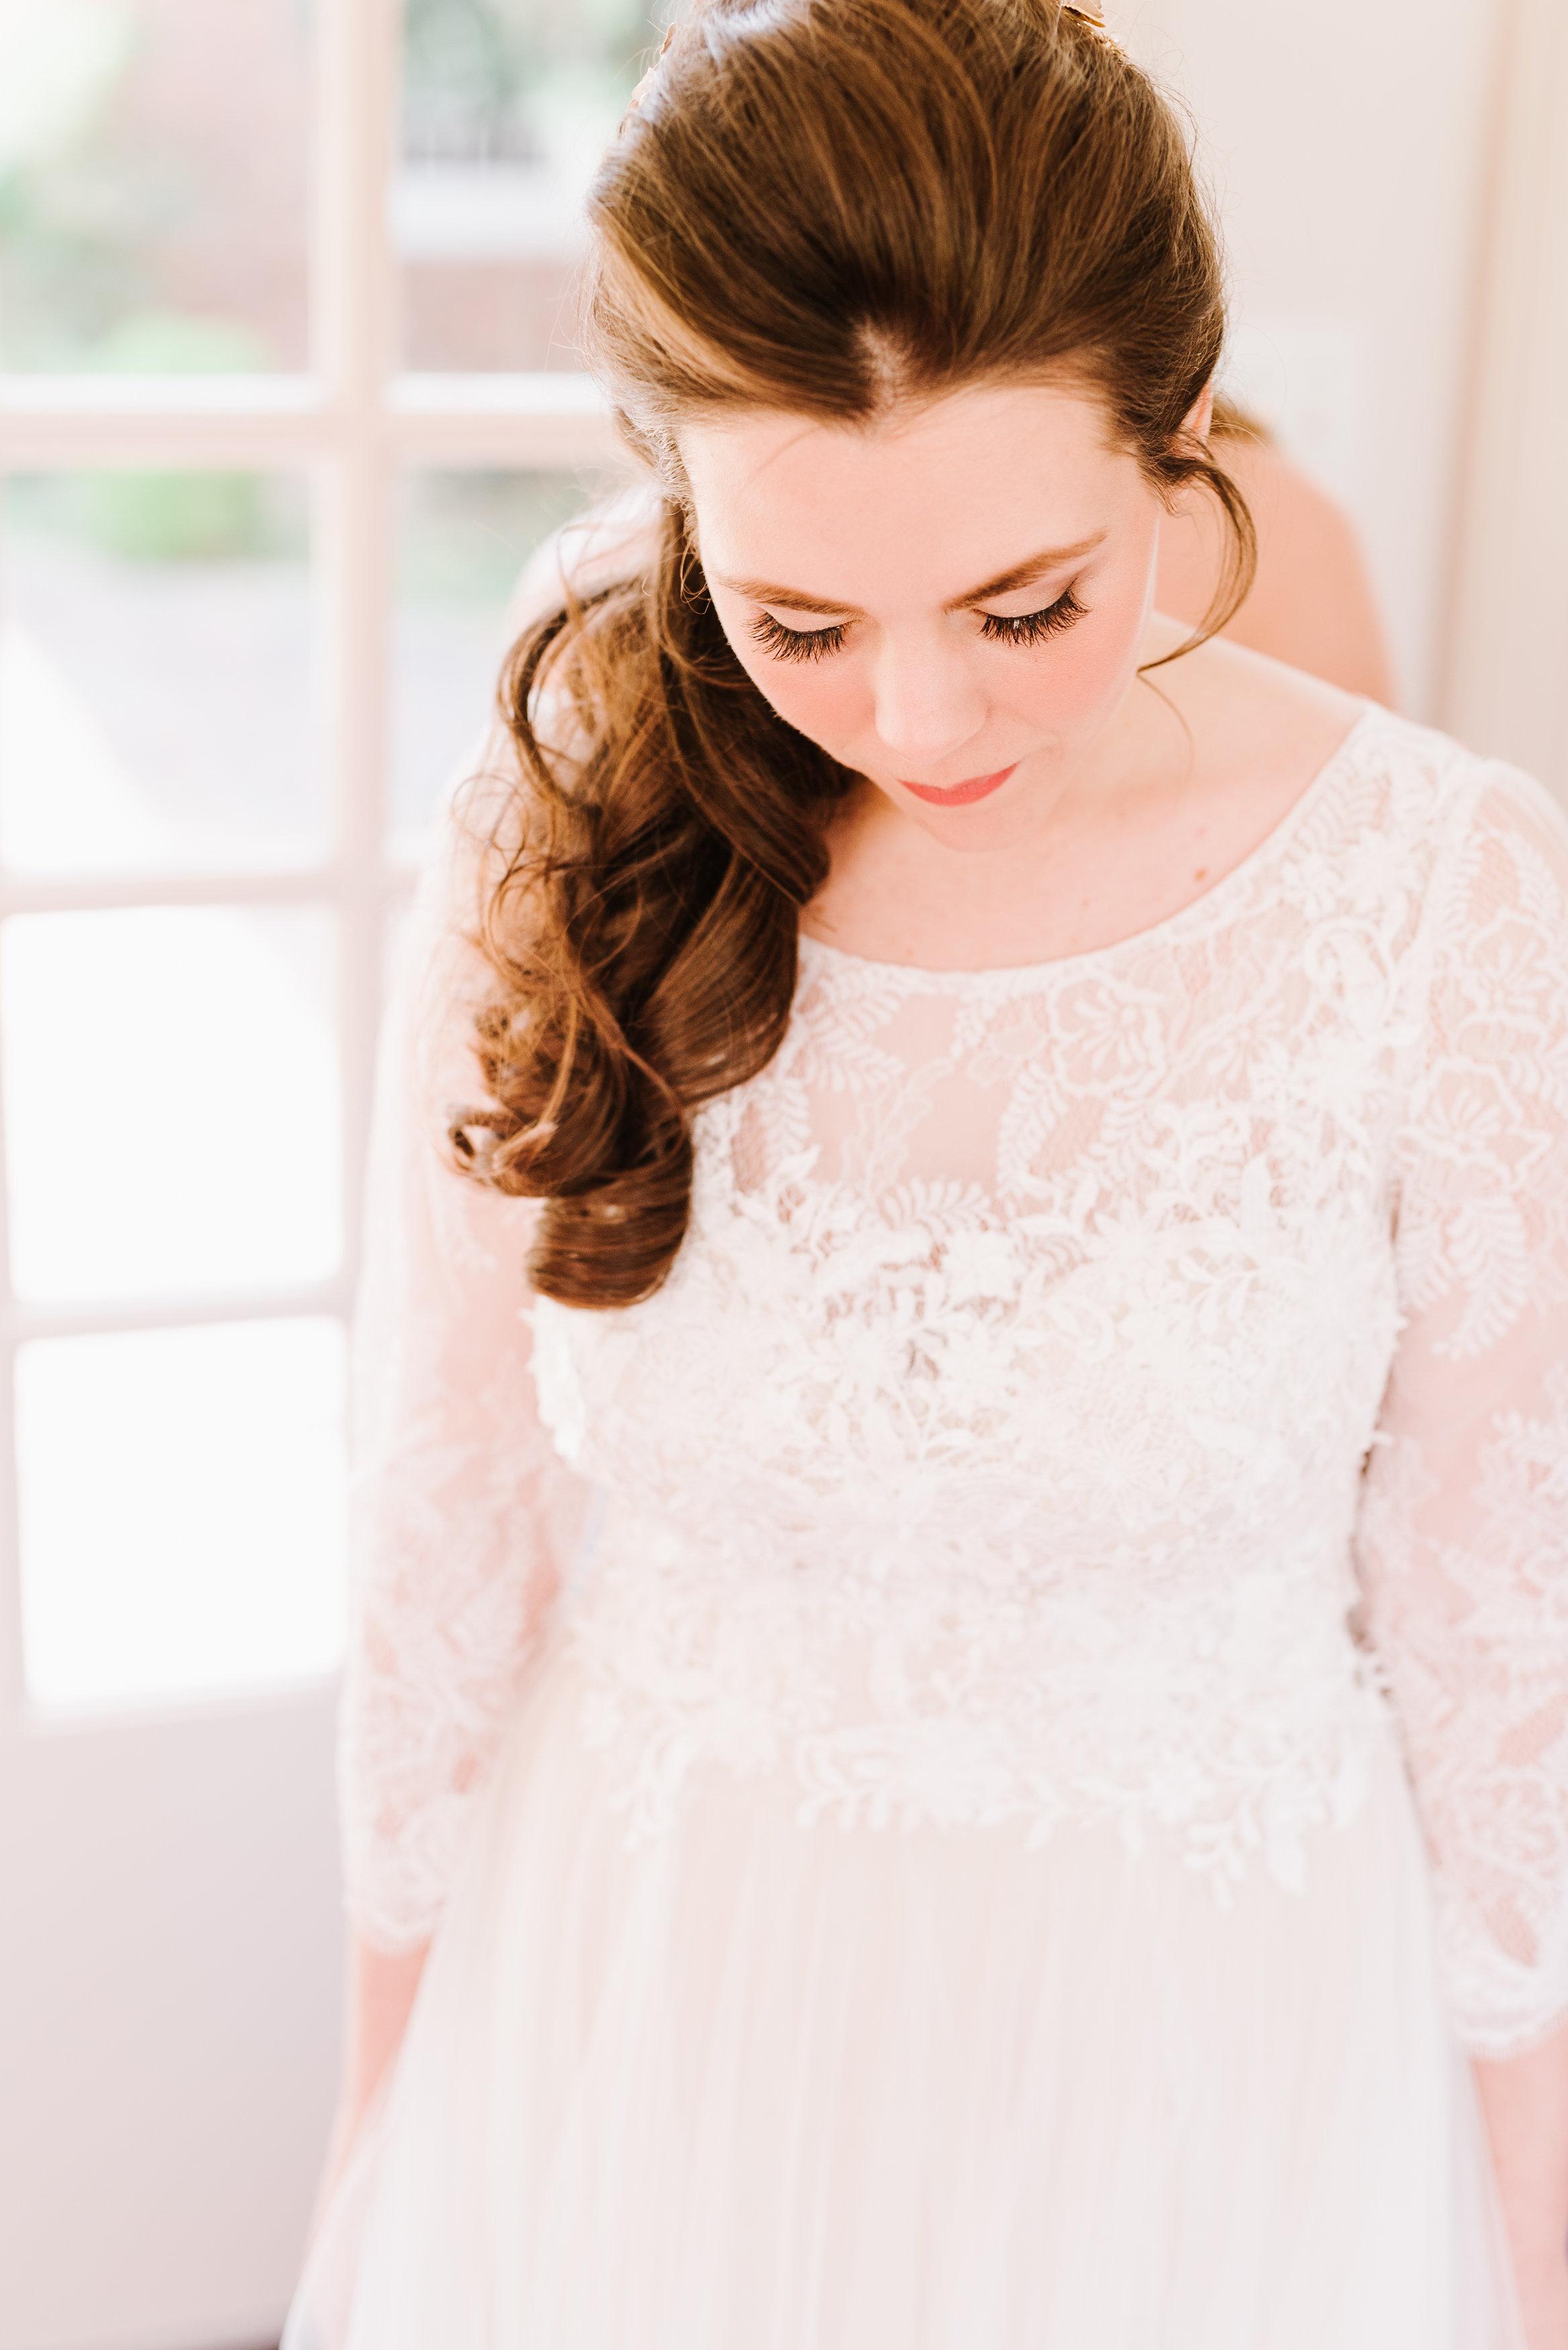 tylar-seth-wedding-34.jpg